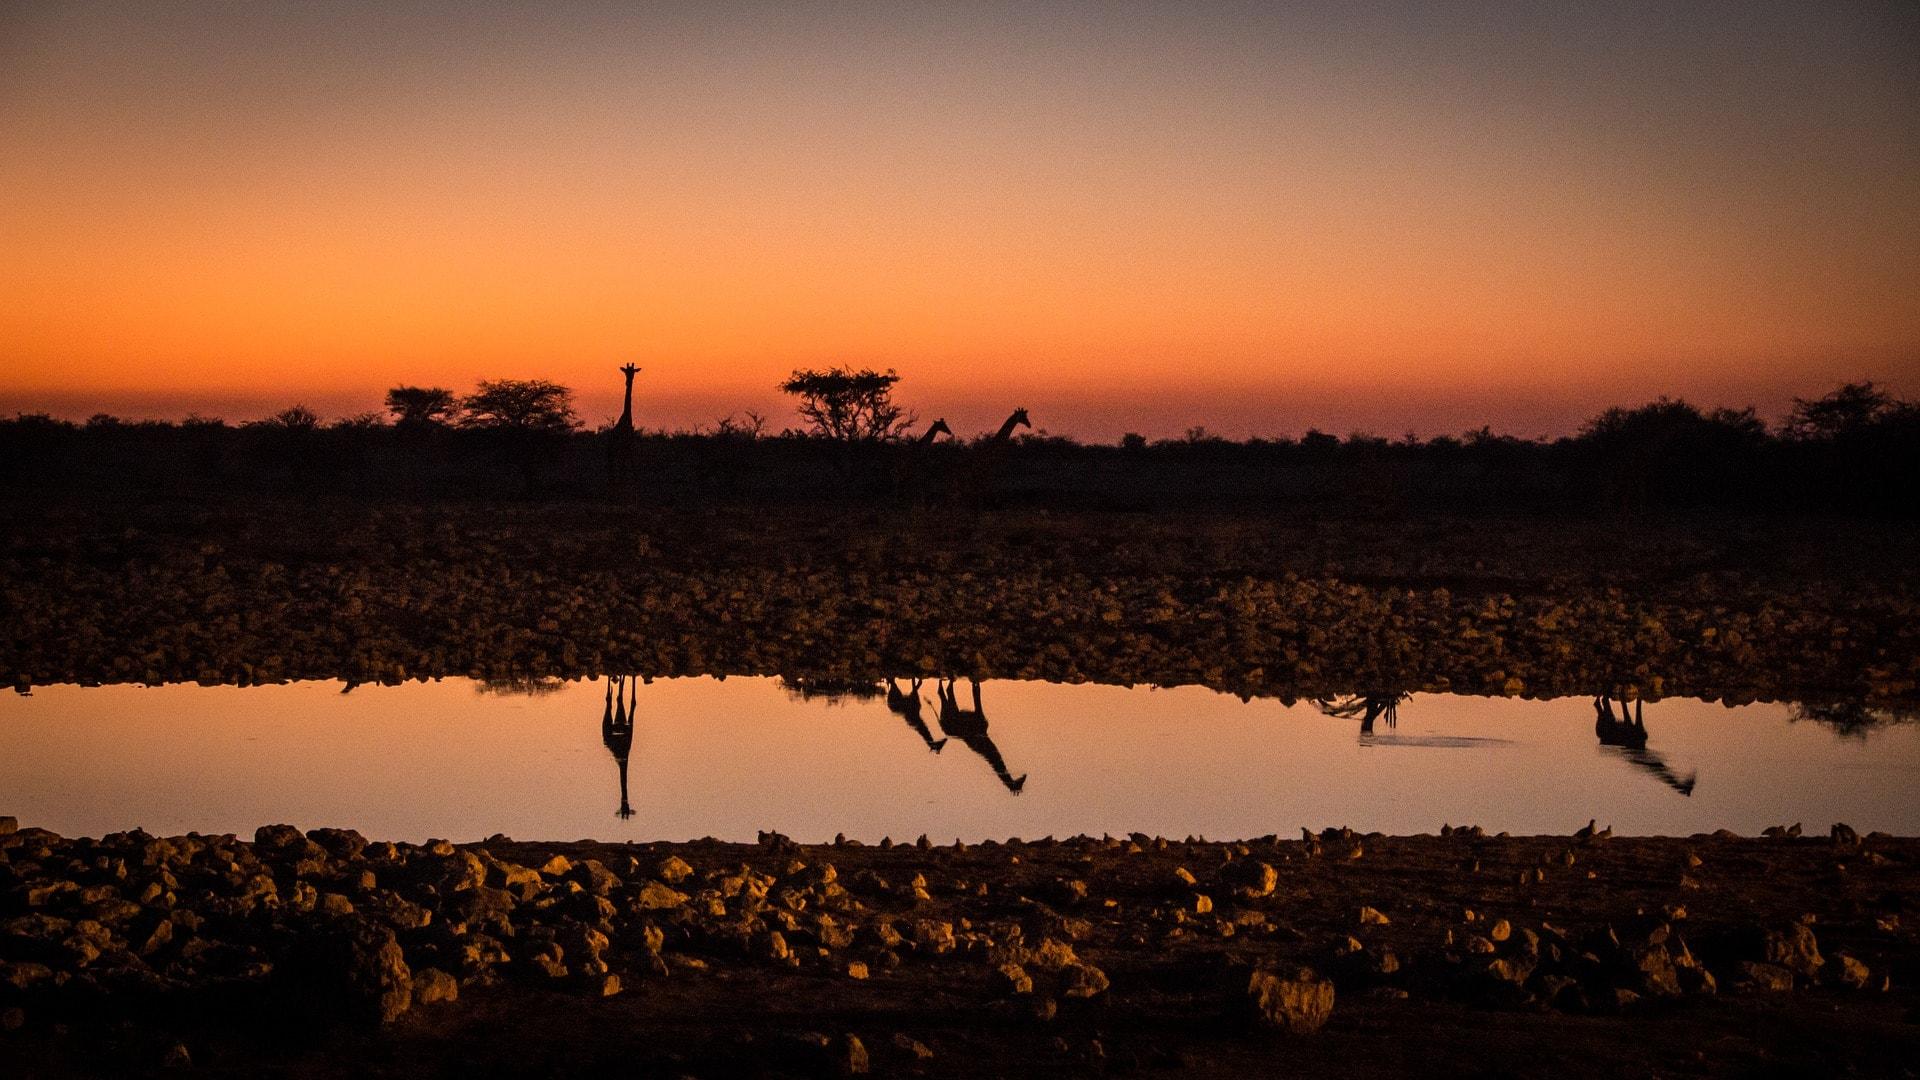 namibia-2949409_1920-min.jpg